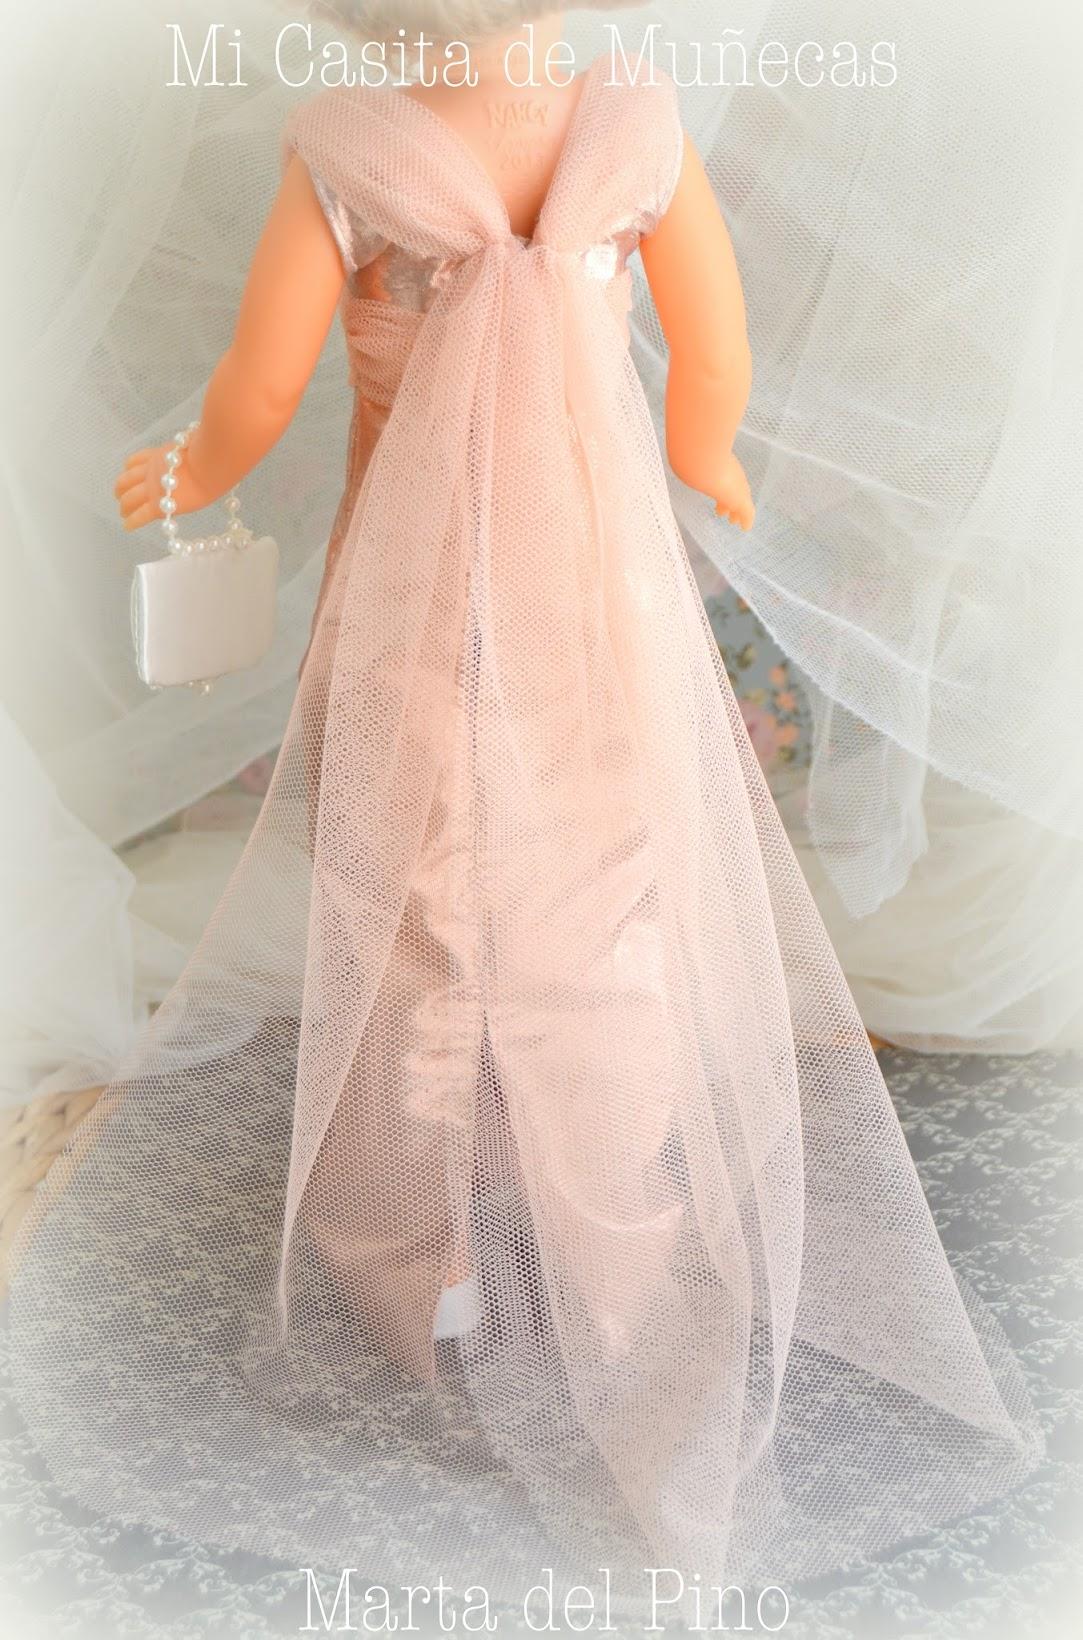 Nancy de Famosa, vestido, modelo sublime, vestidos por encargo para Nancy, Marta del Pino, Mi Casita de Muñecas